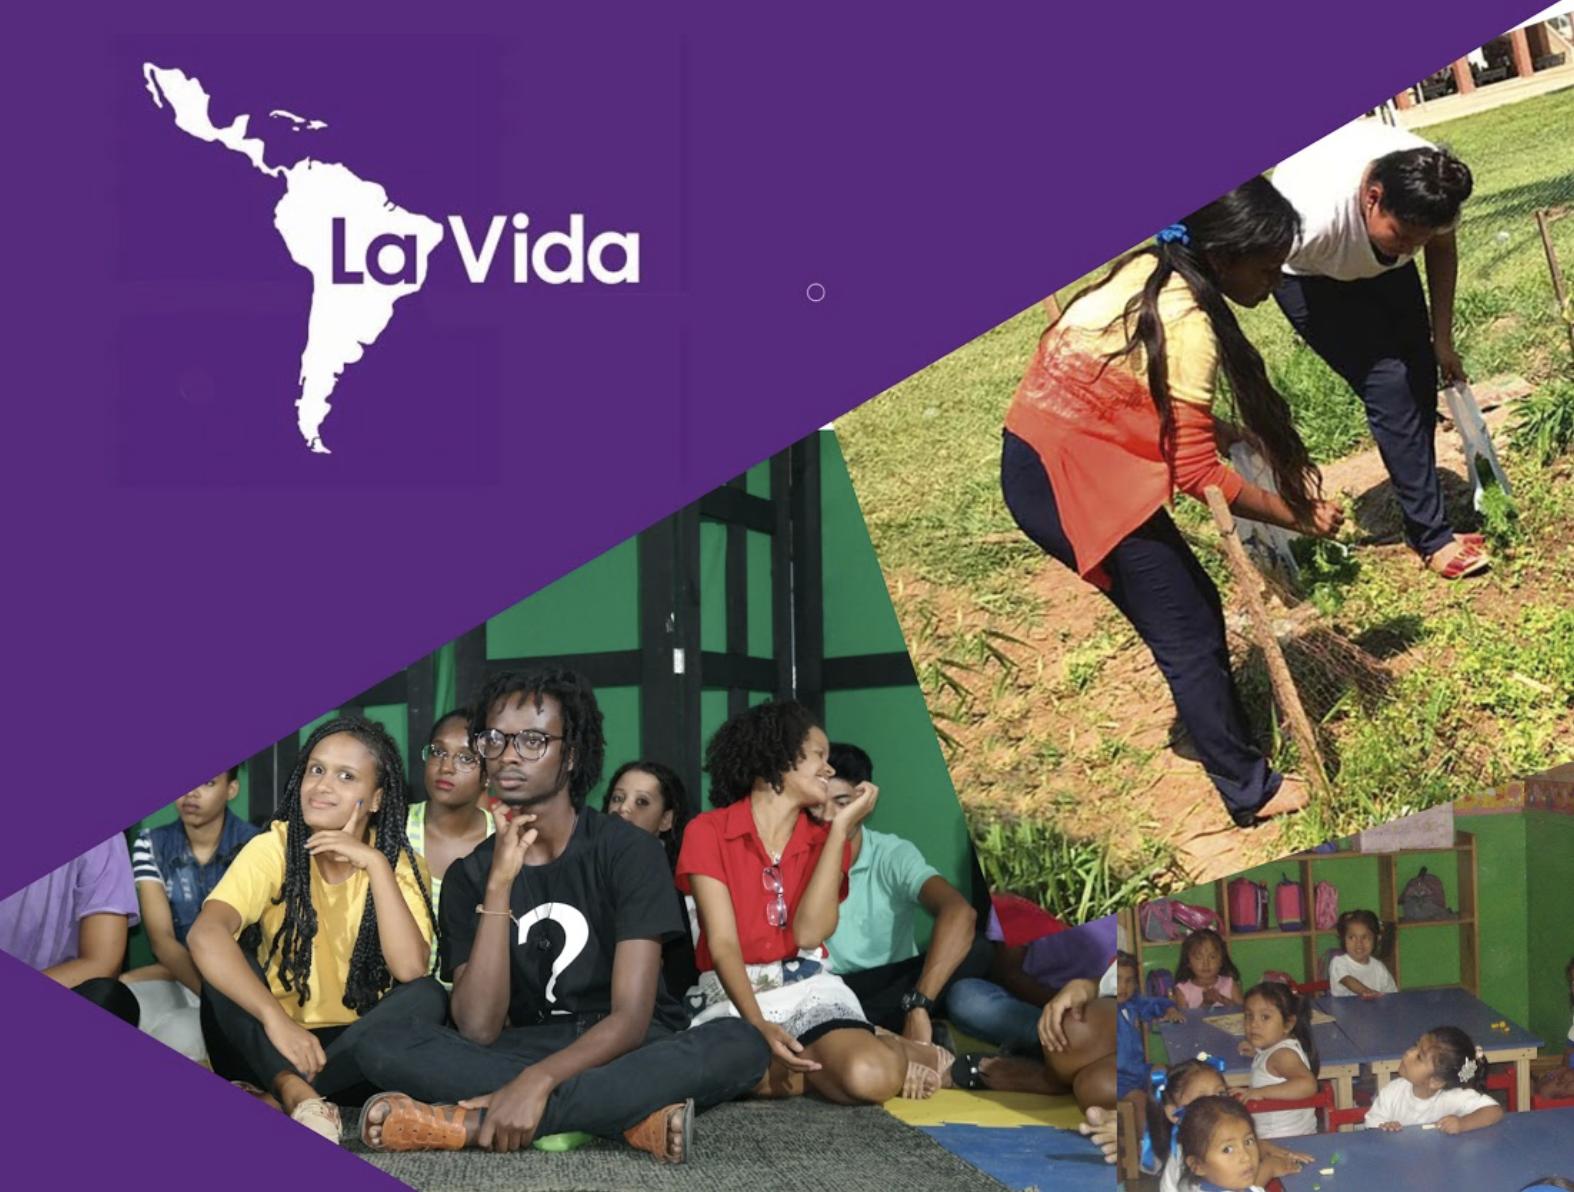 La Vida's Annual Report